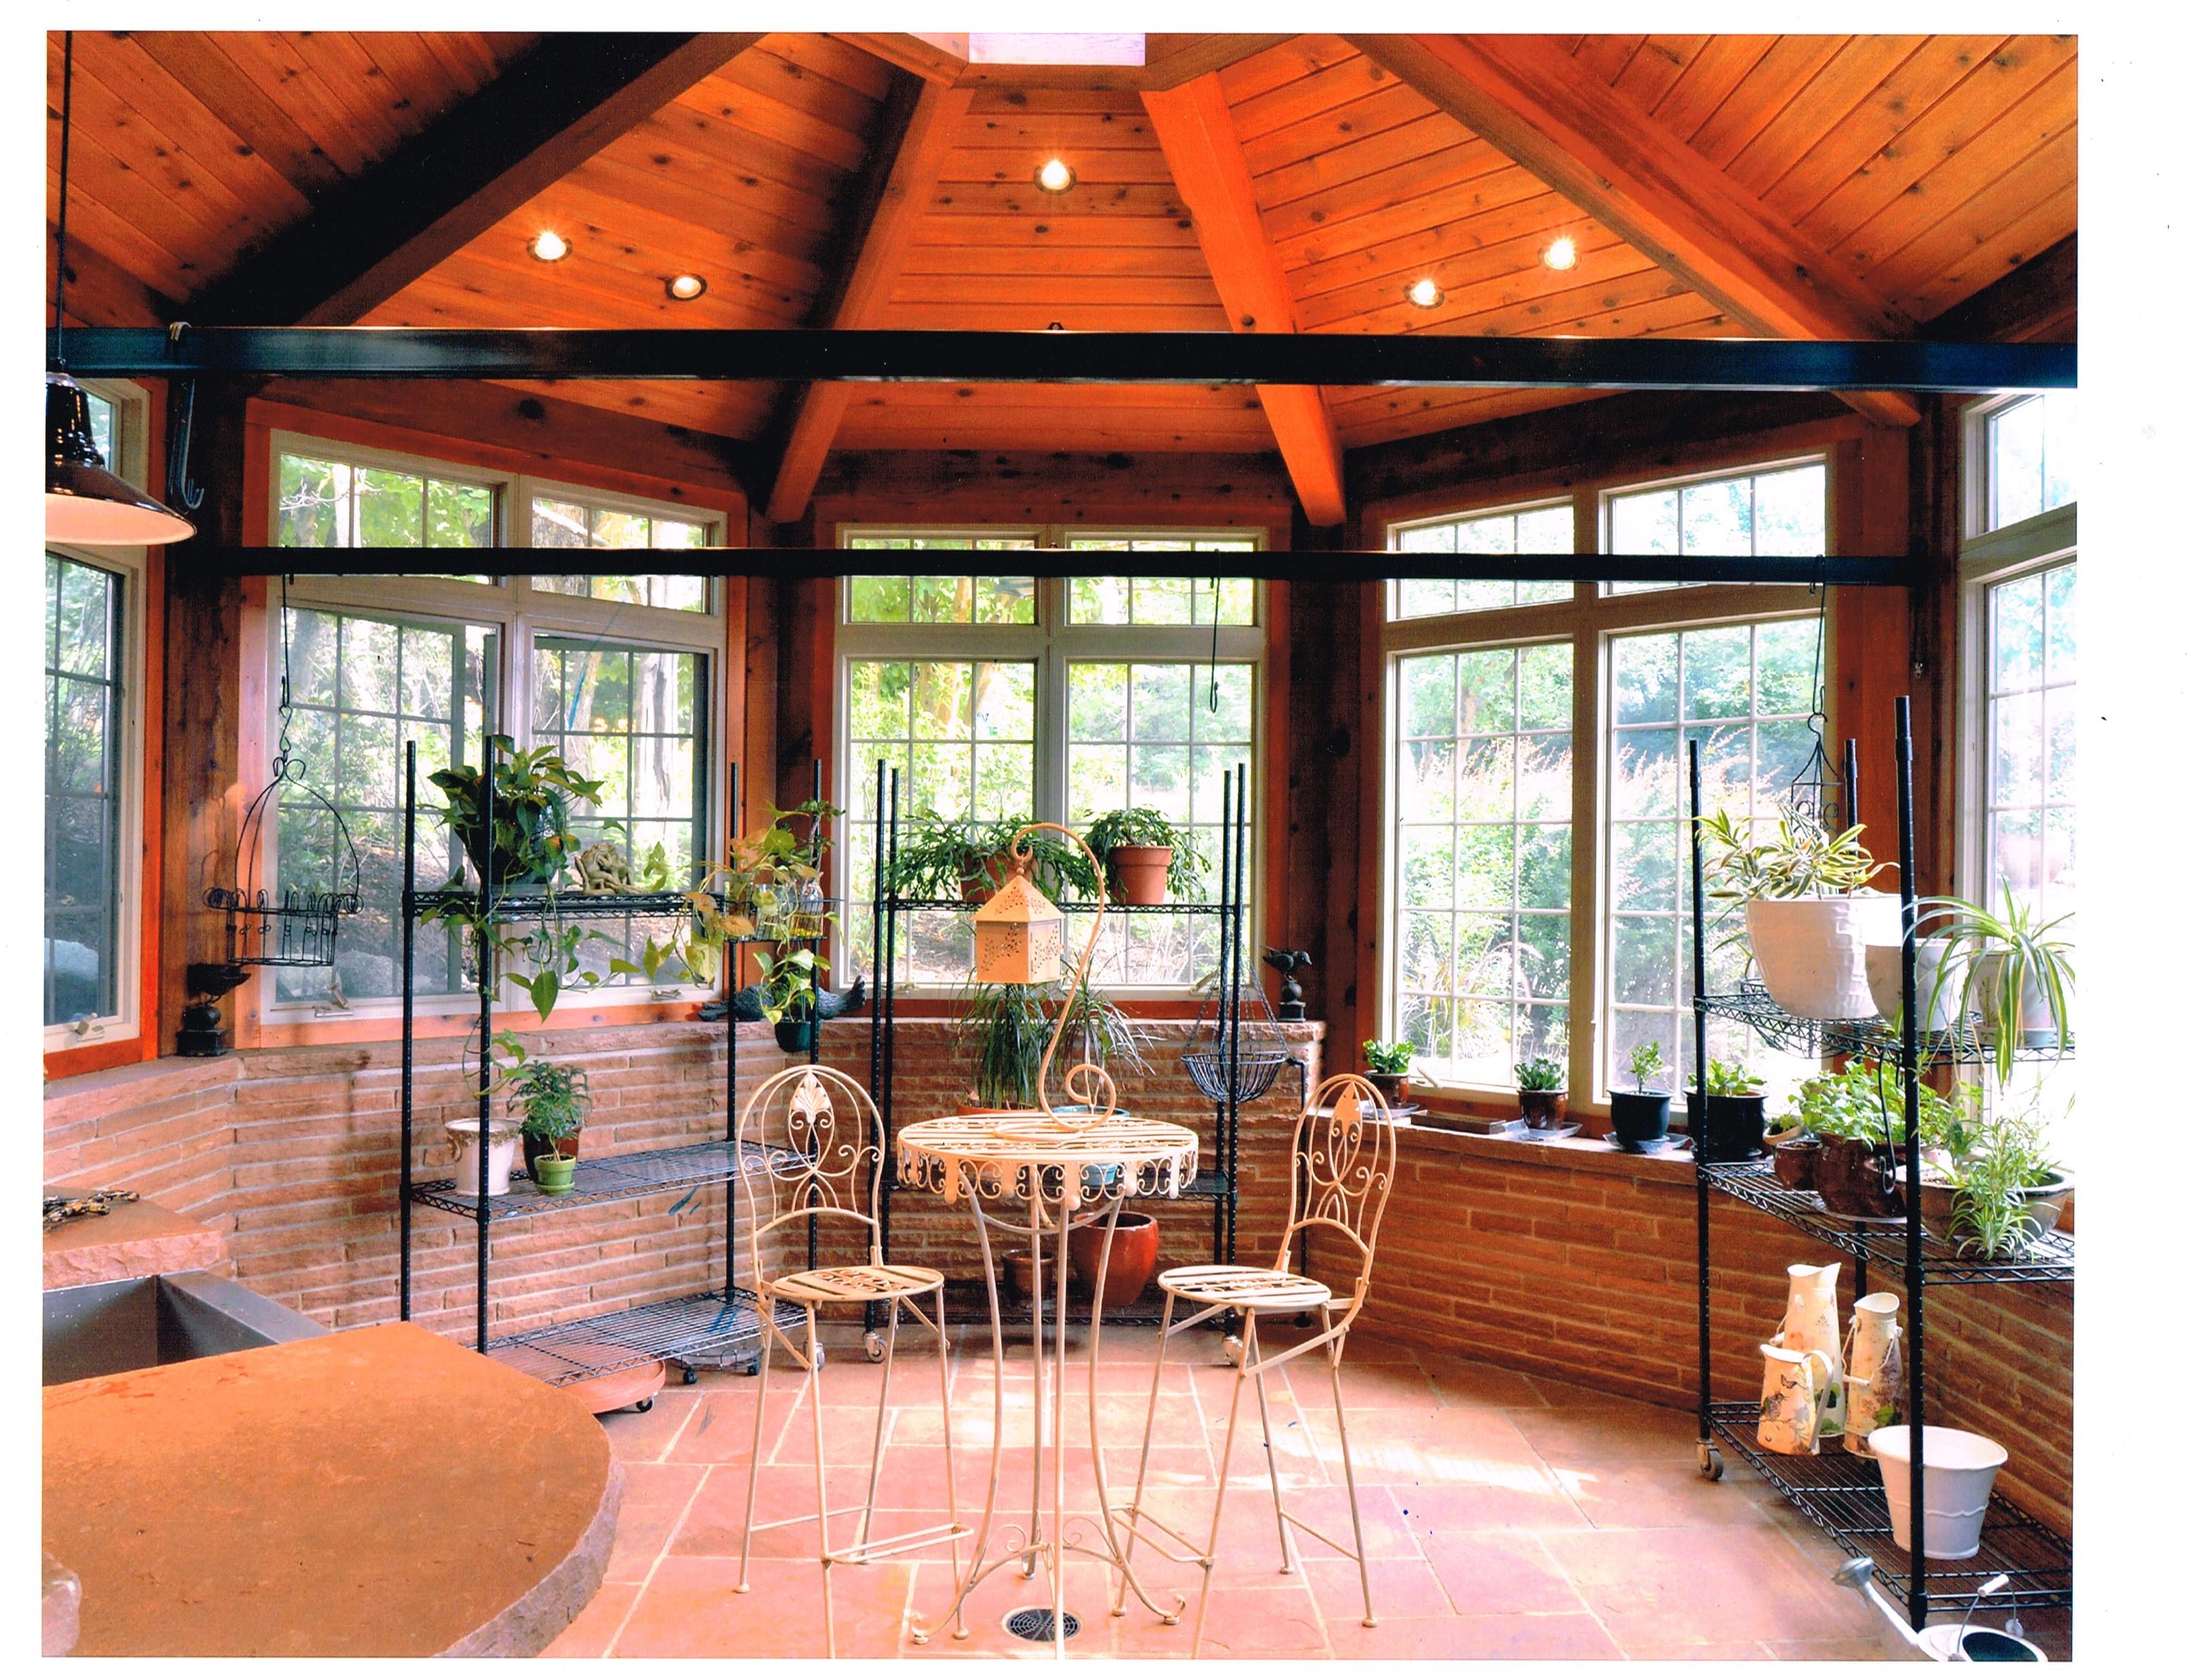 Deevy Conservatory interior